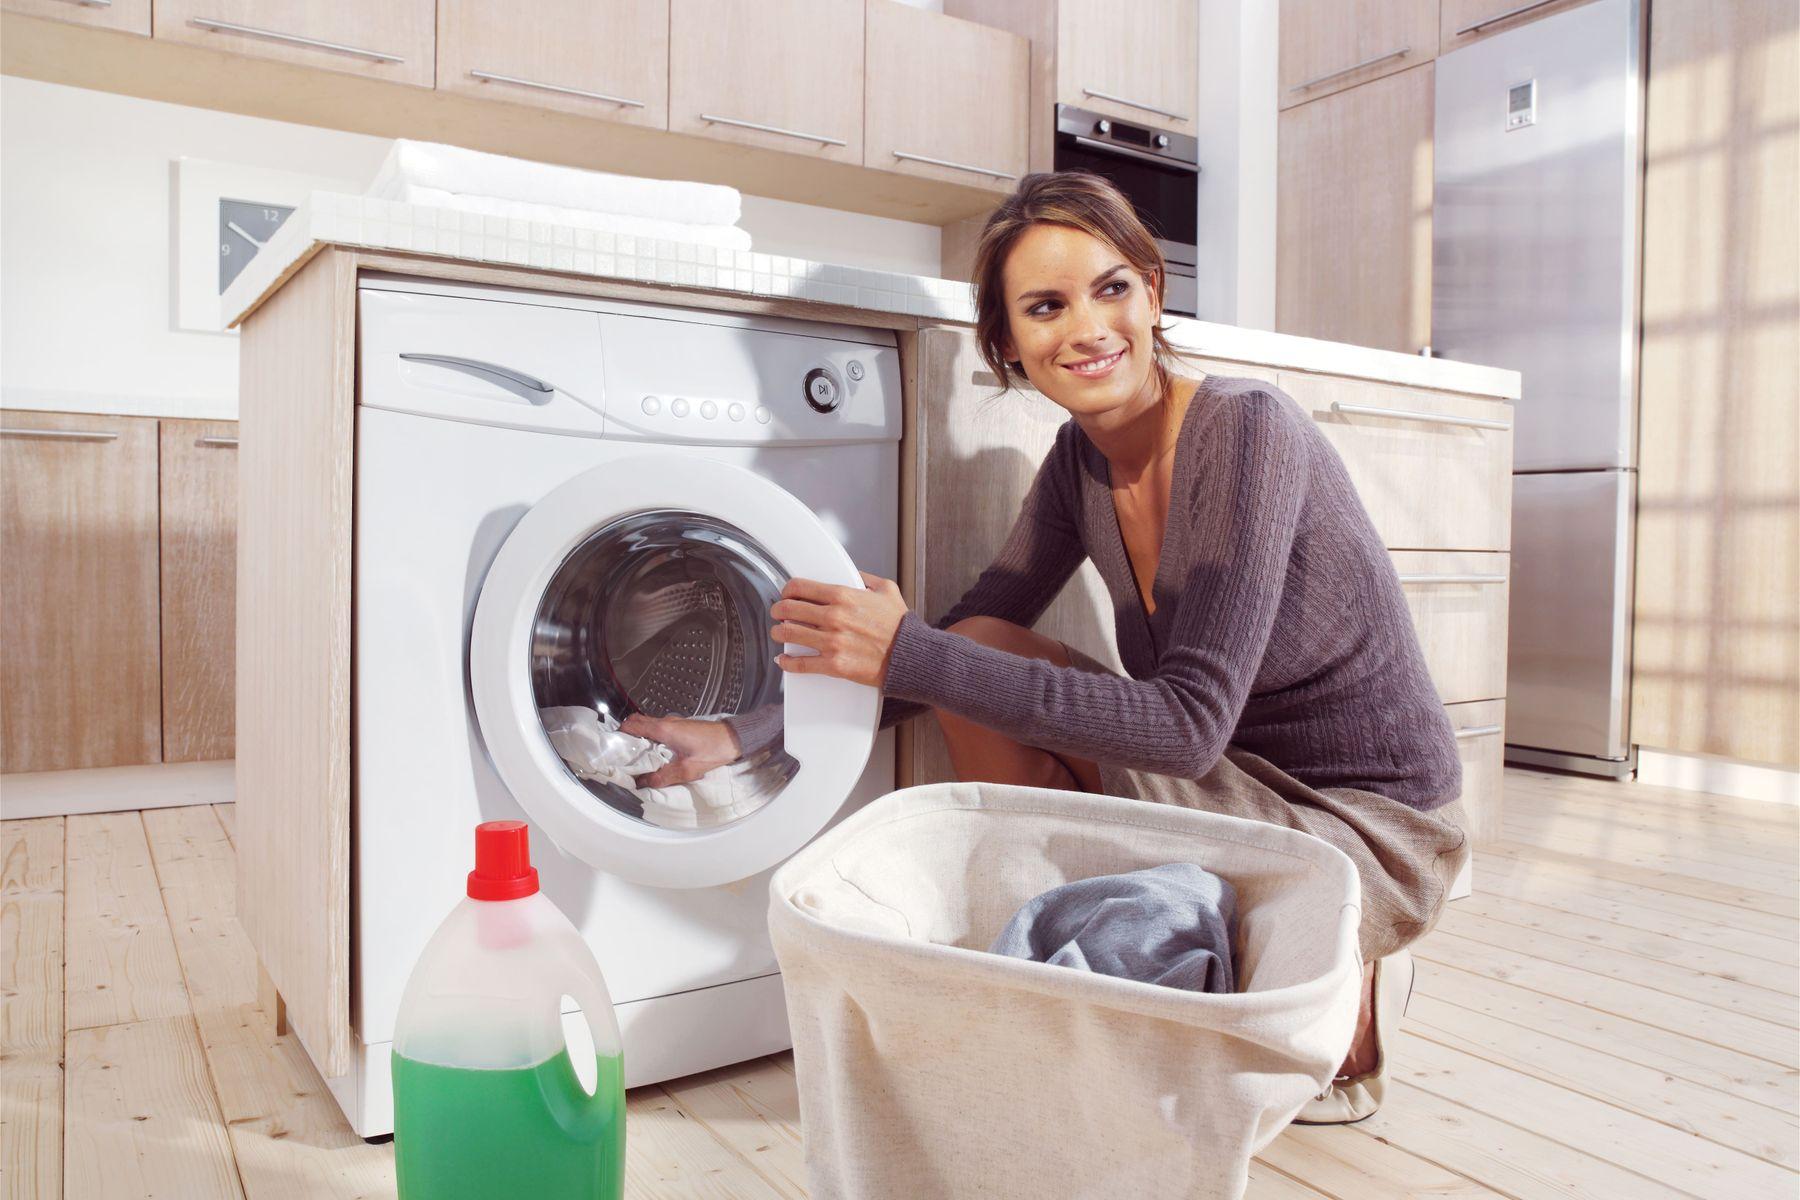 Kinh nghiệm hữu ích giúp bố mẹ dễ dàng lựa chọn nước giặt cho bé